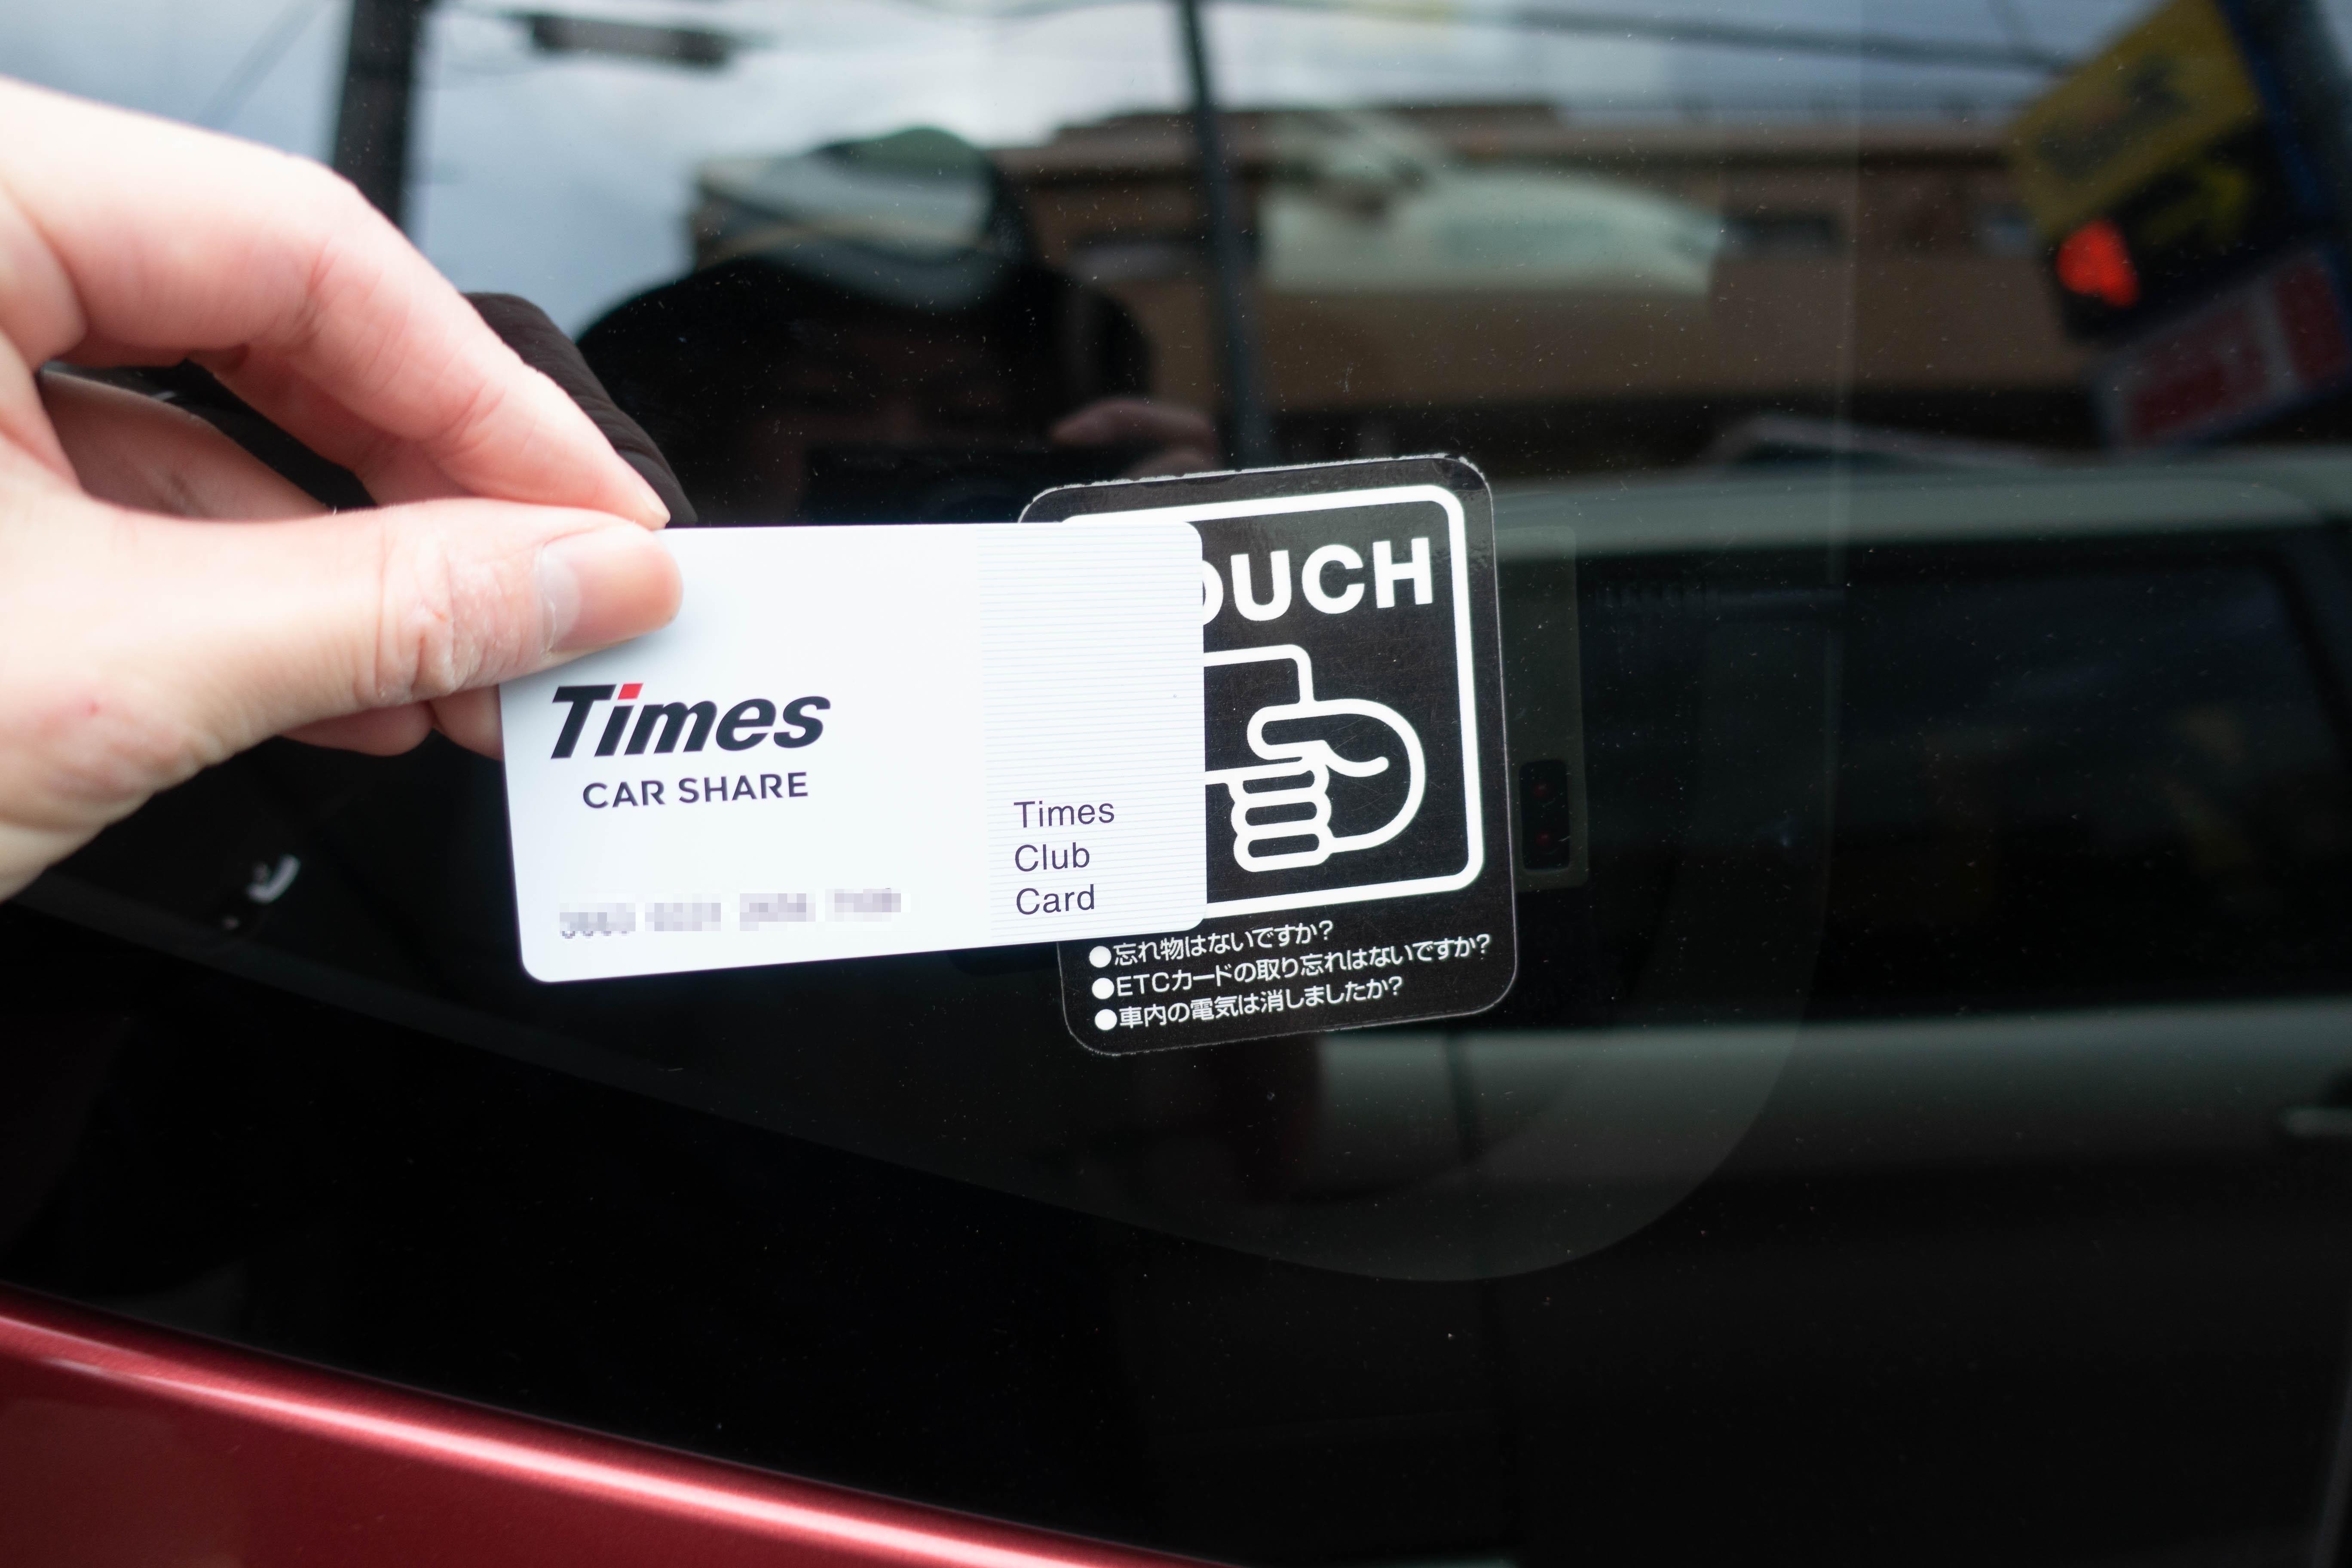 タイムズカーシェアカード